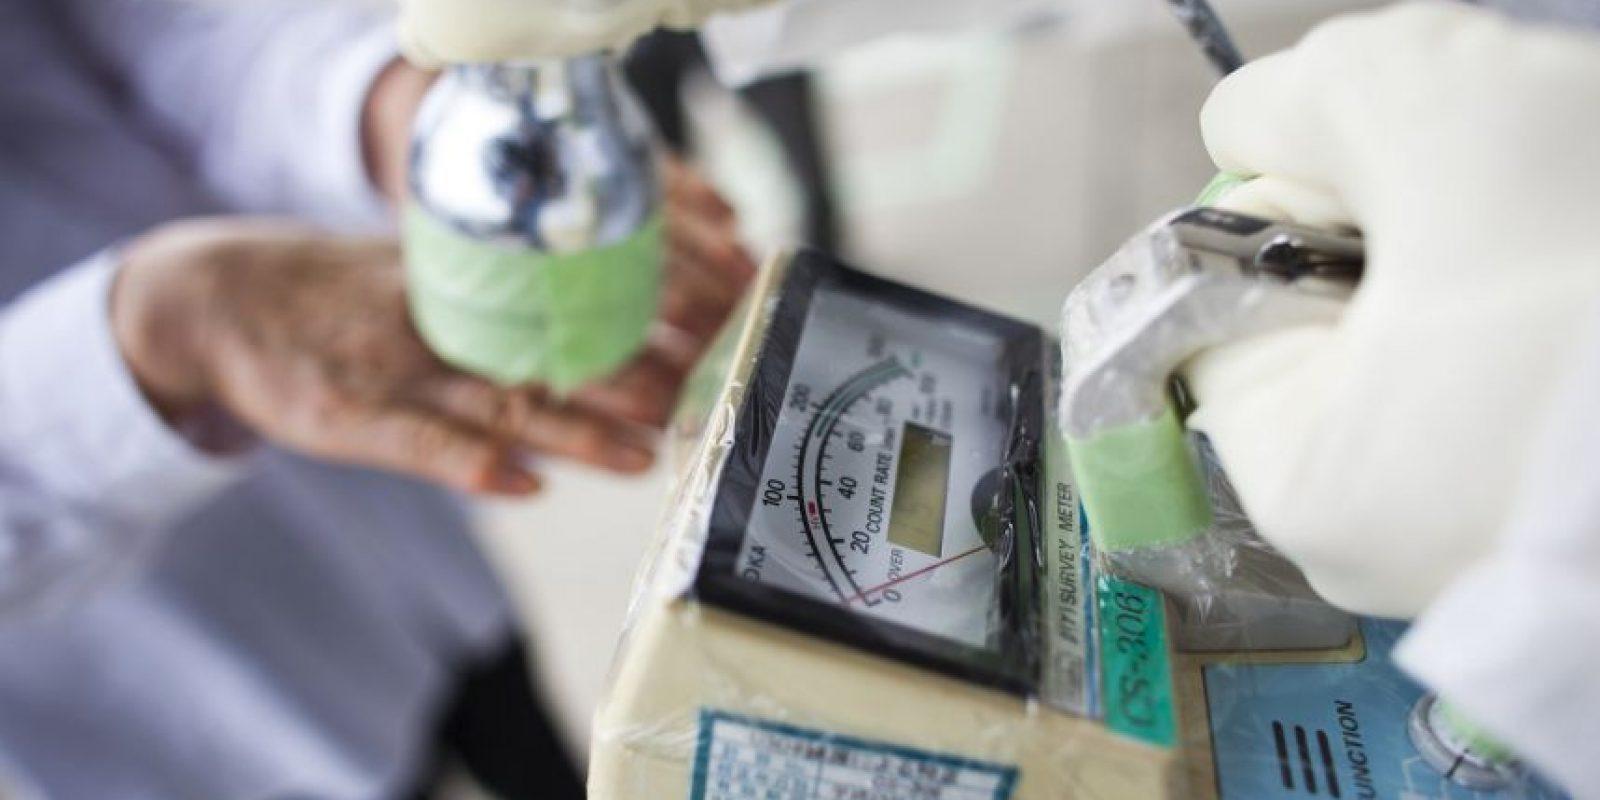 En caso de que el material sea extraído del contenedor, se trata de una fuente muy peligrosa para las personas. Foto:Getty Images